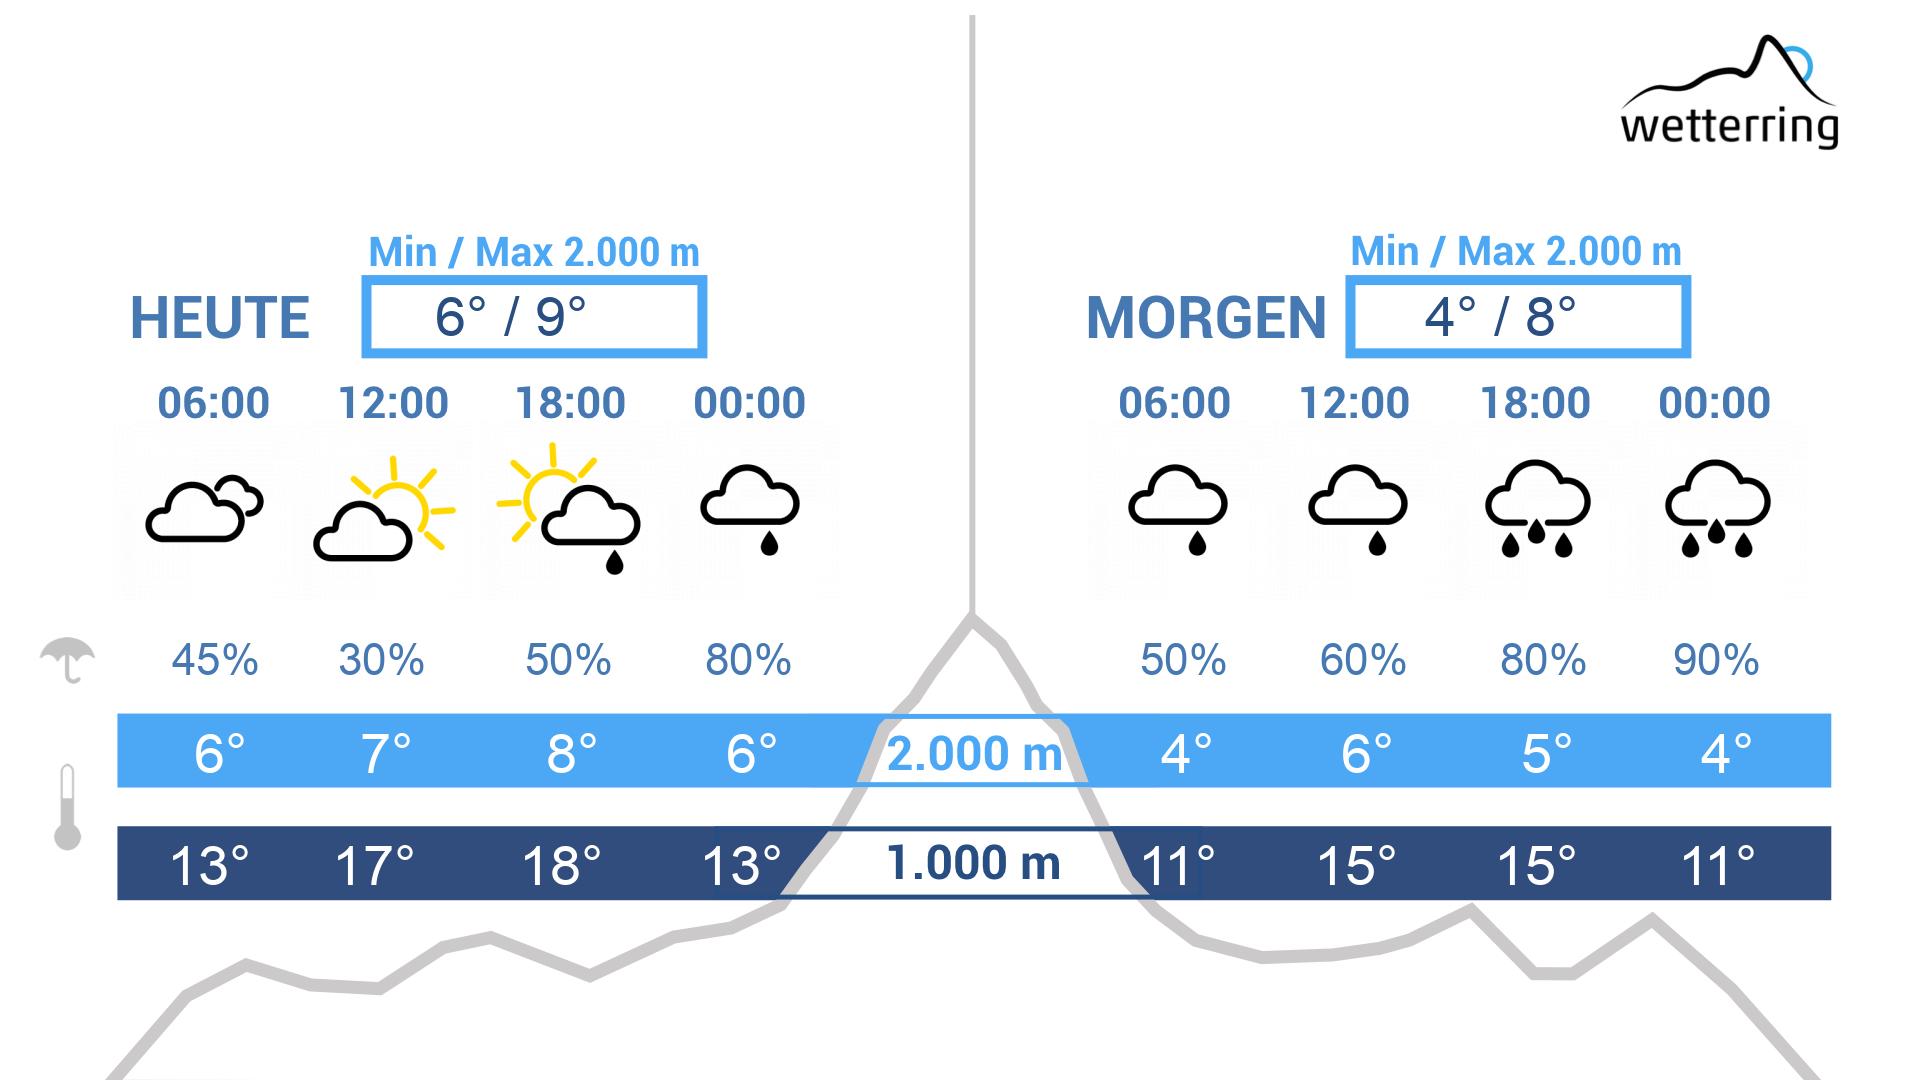 Wetter Weilburg Morgen